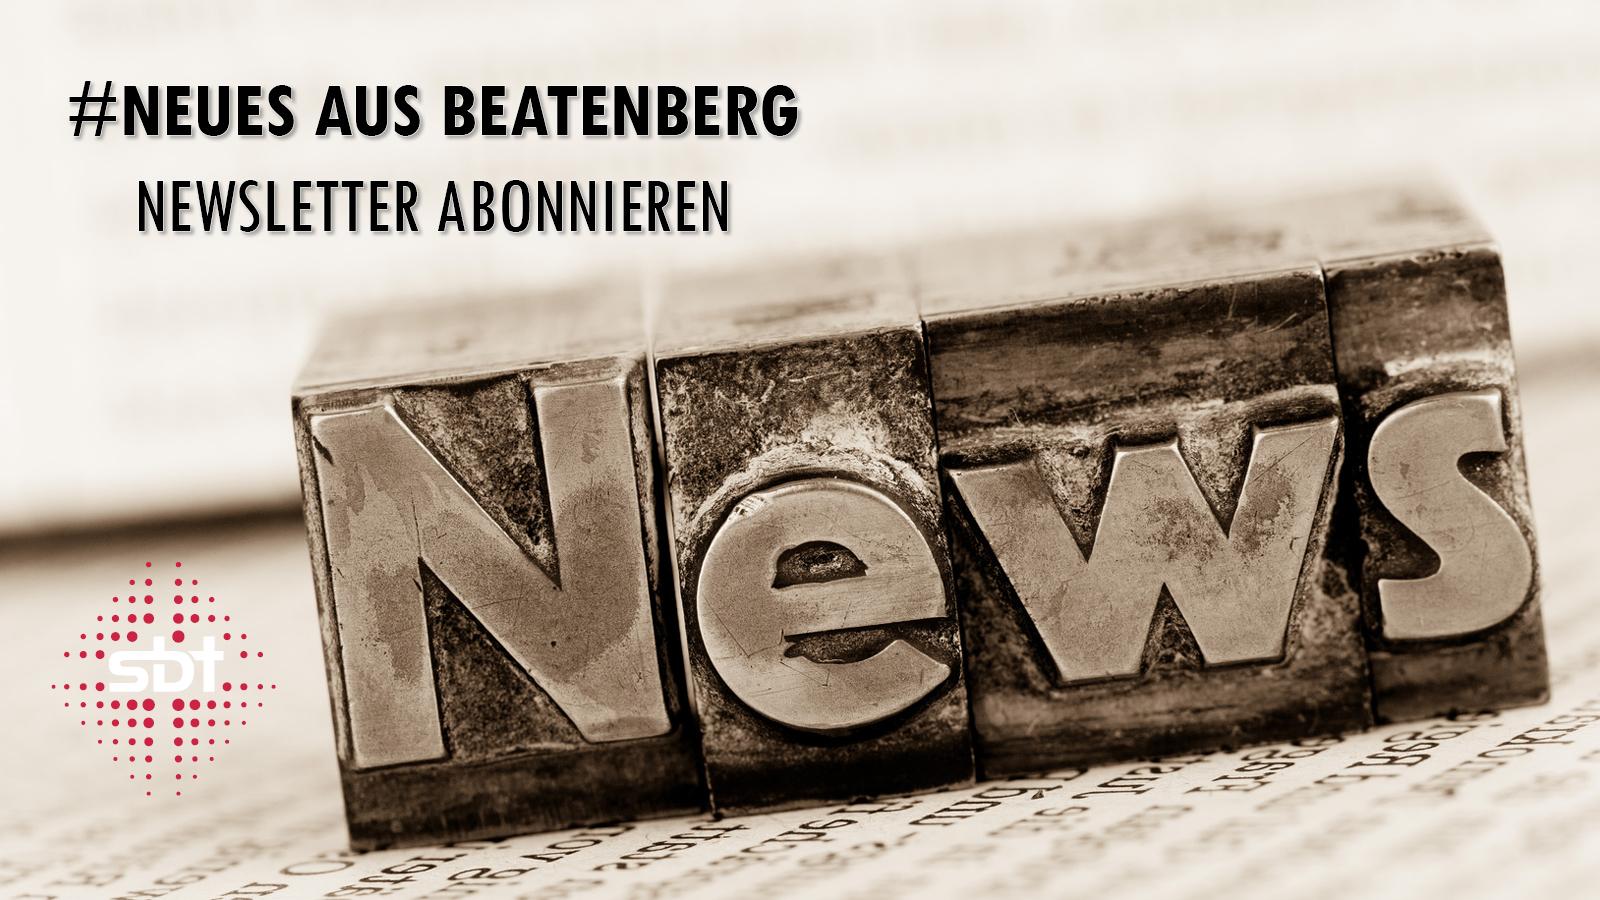 News aus dem sbt